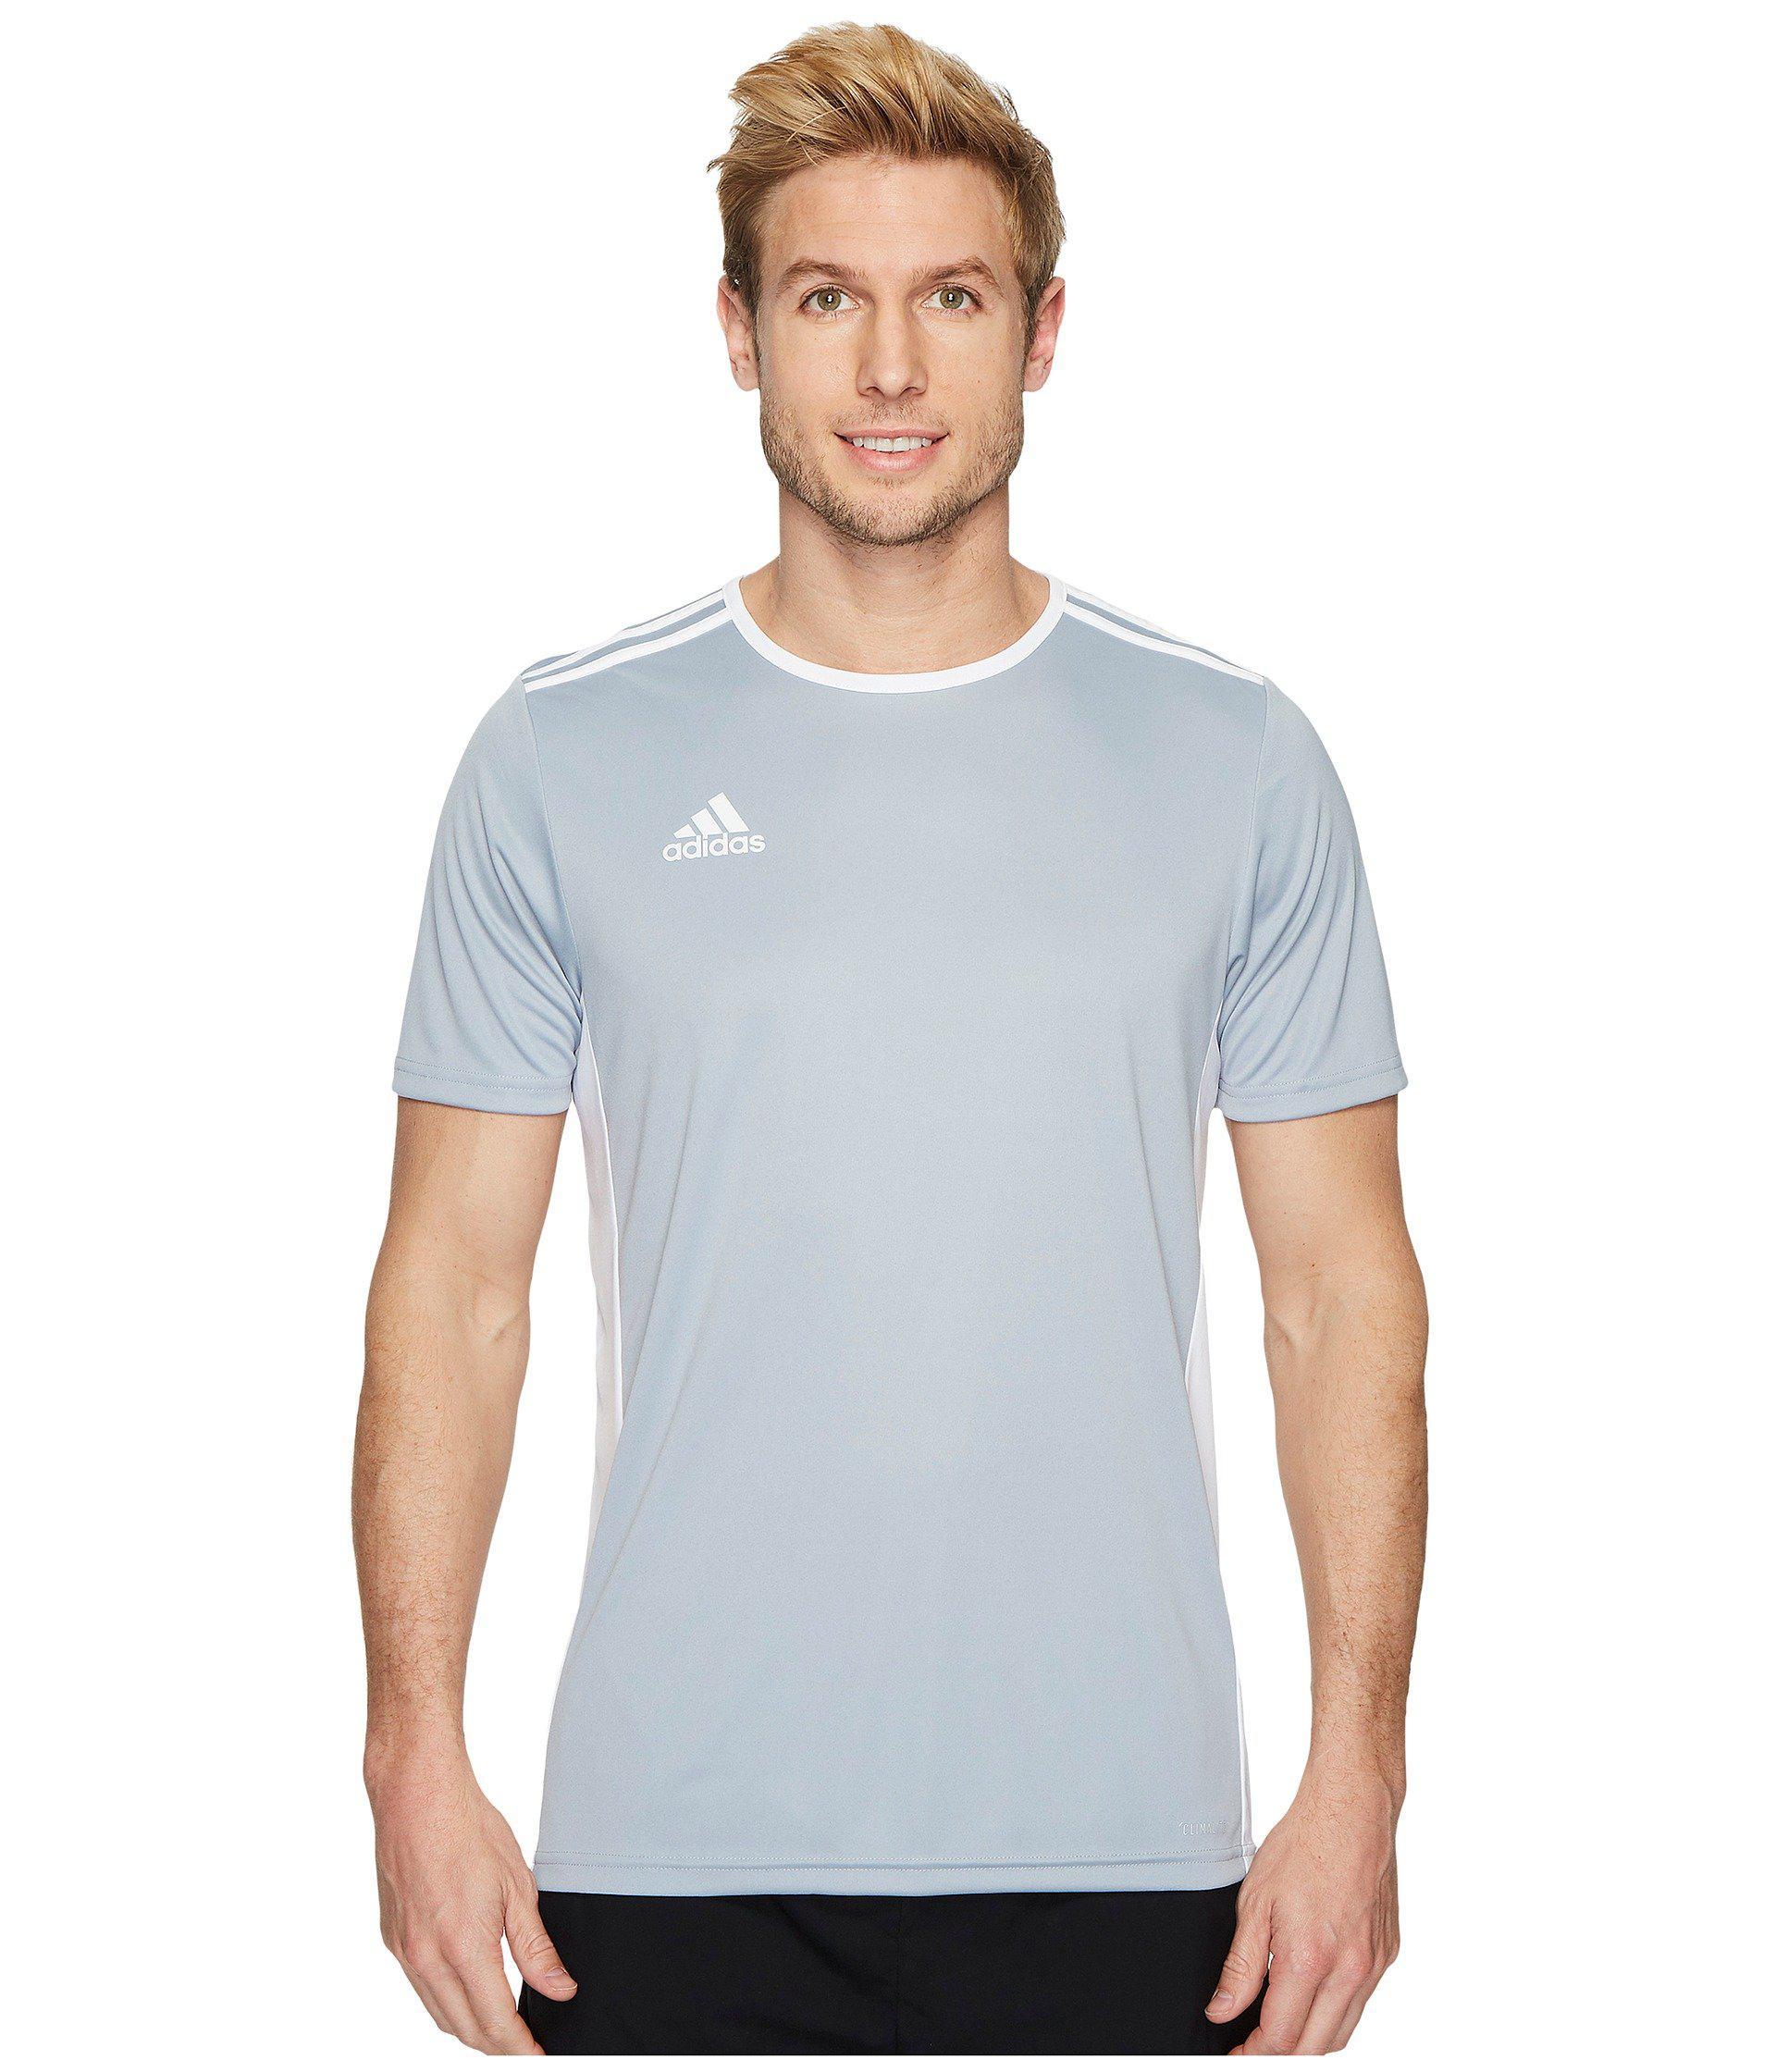 adidas Synthetic Entrada 18 Jersey (light Grey/white) Men's ...